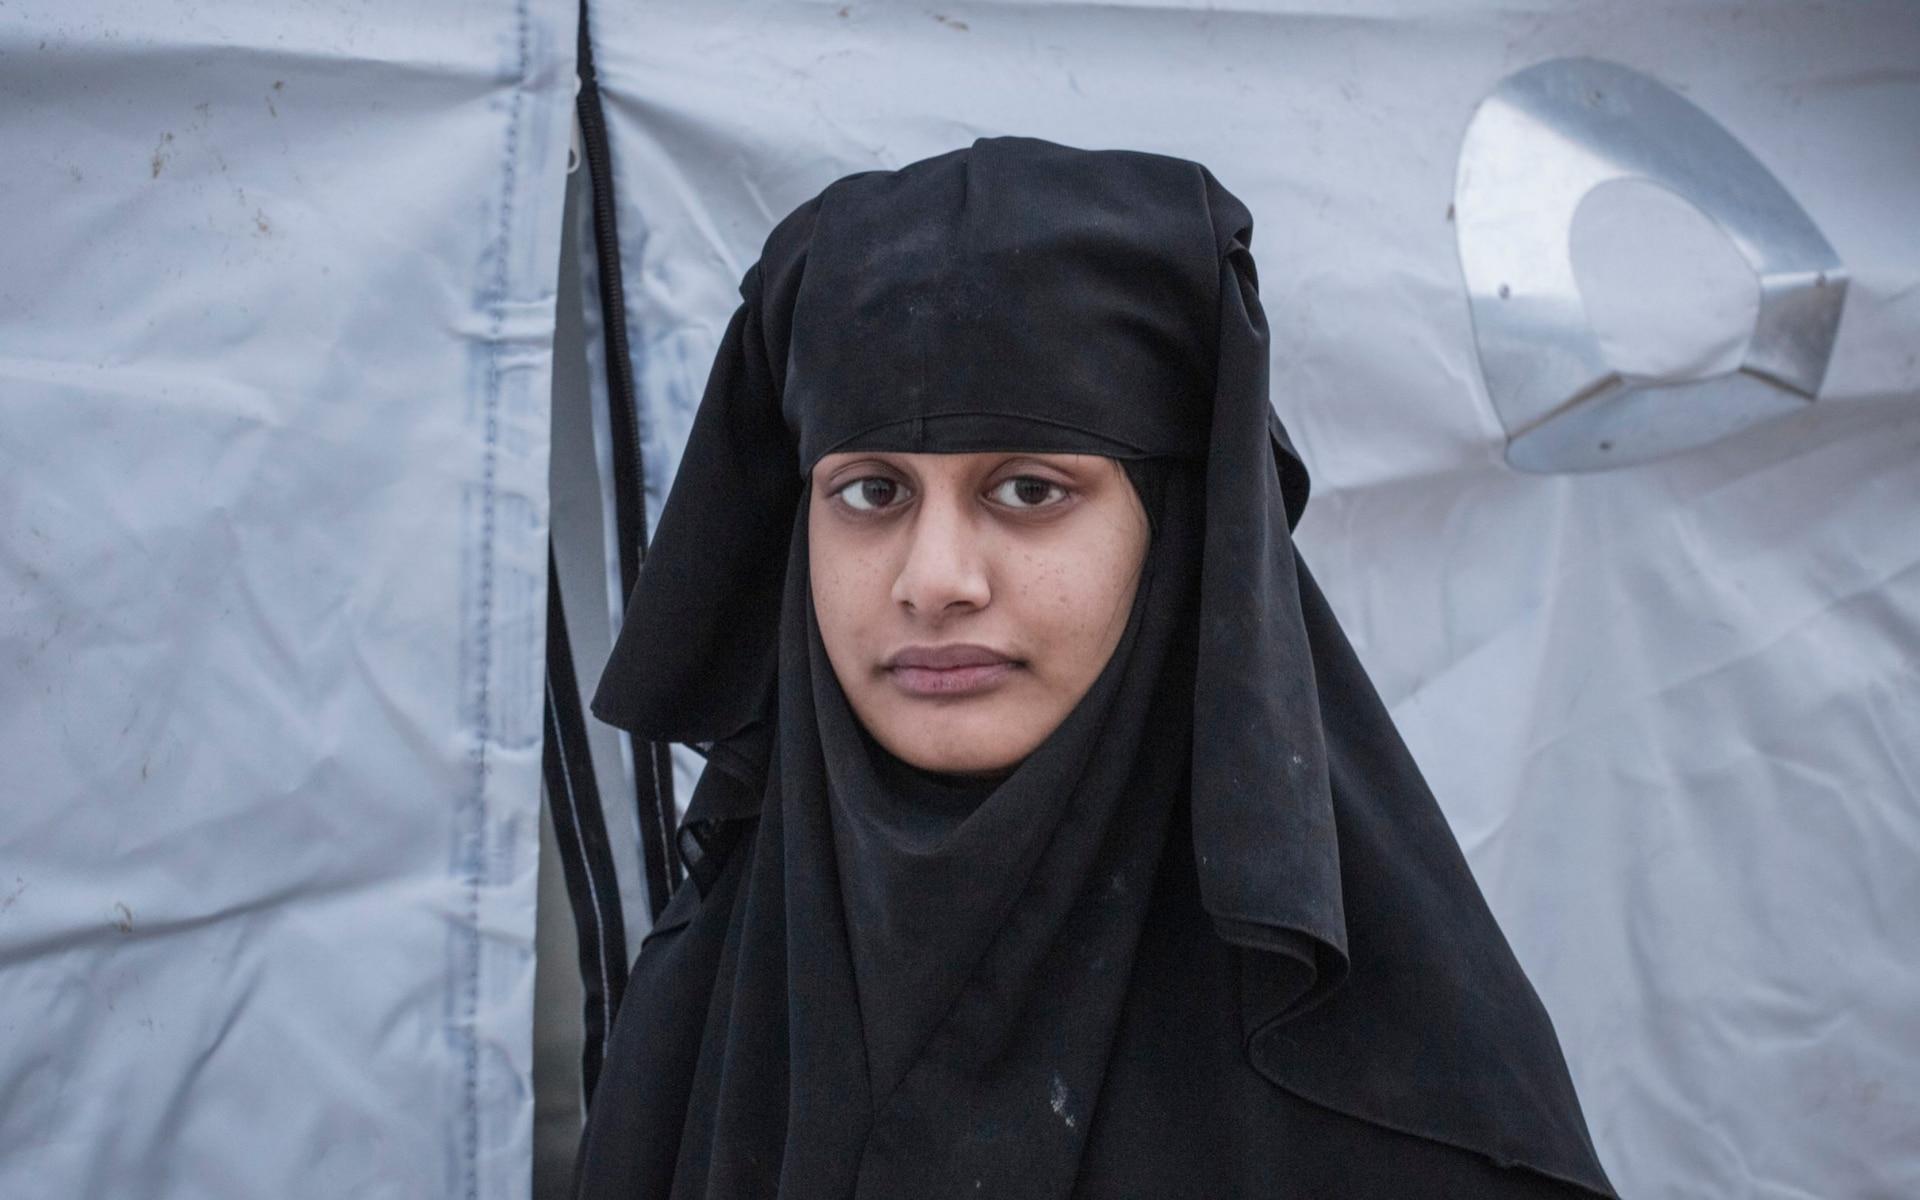 با جنگجویان، زنان و کودکان داعشی زندانی در خاورمیانه چه باید کرد؟